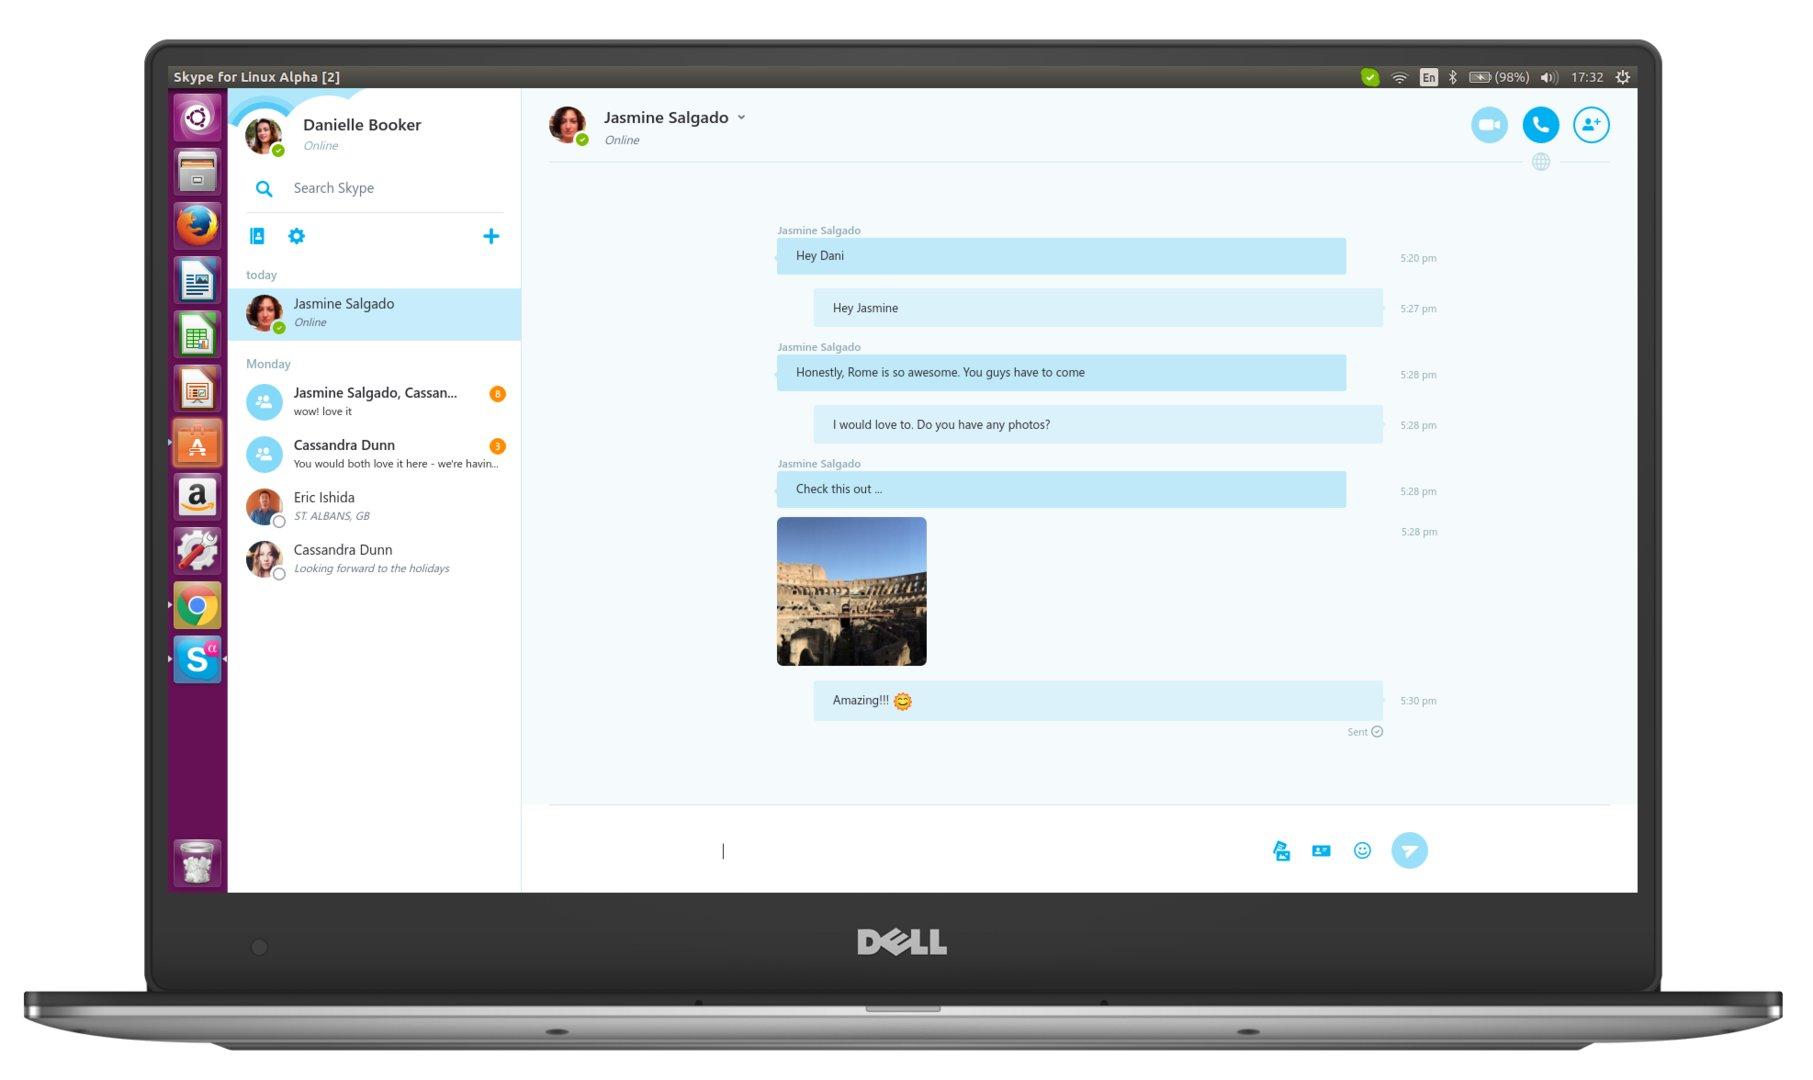 Chatfenster der Alpha-Version des neuen Skype-Clients für Linux